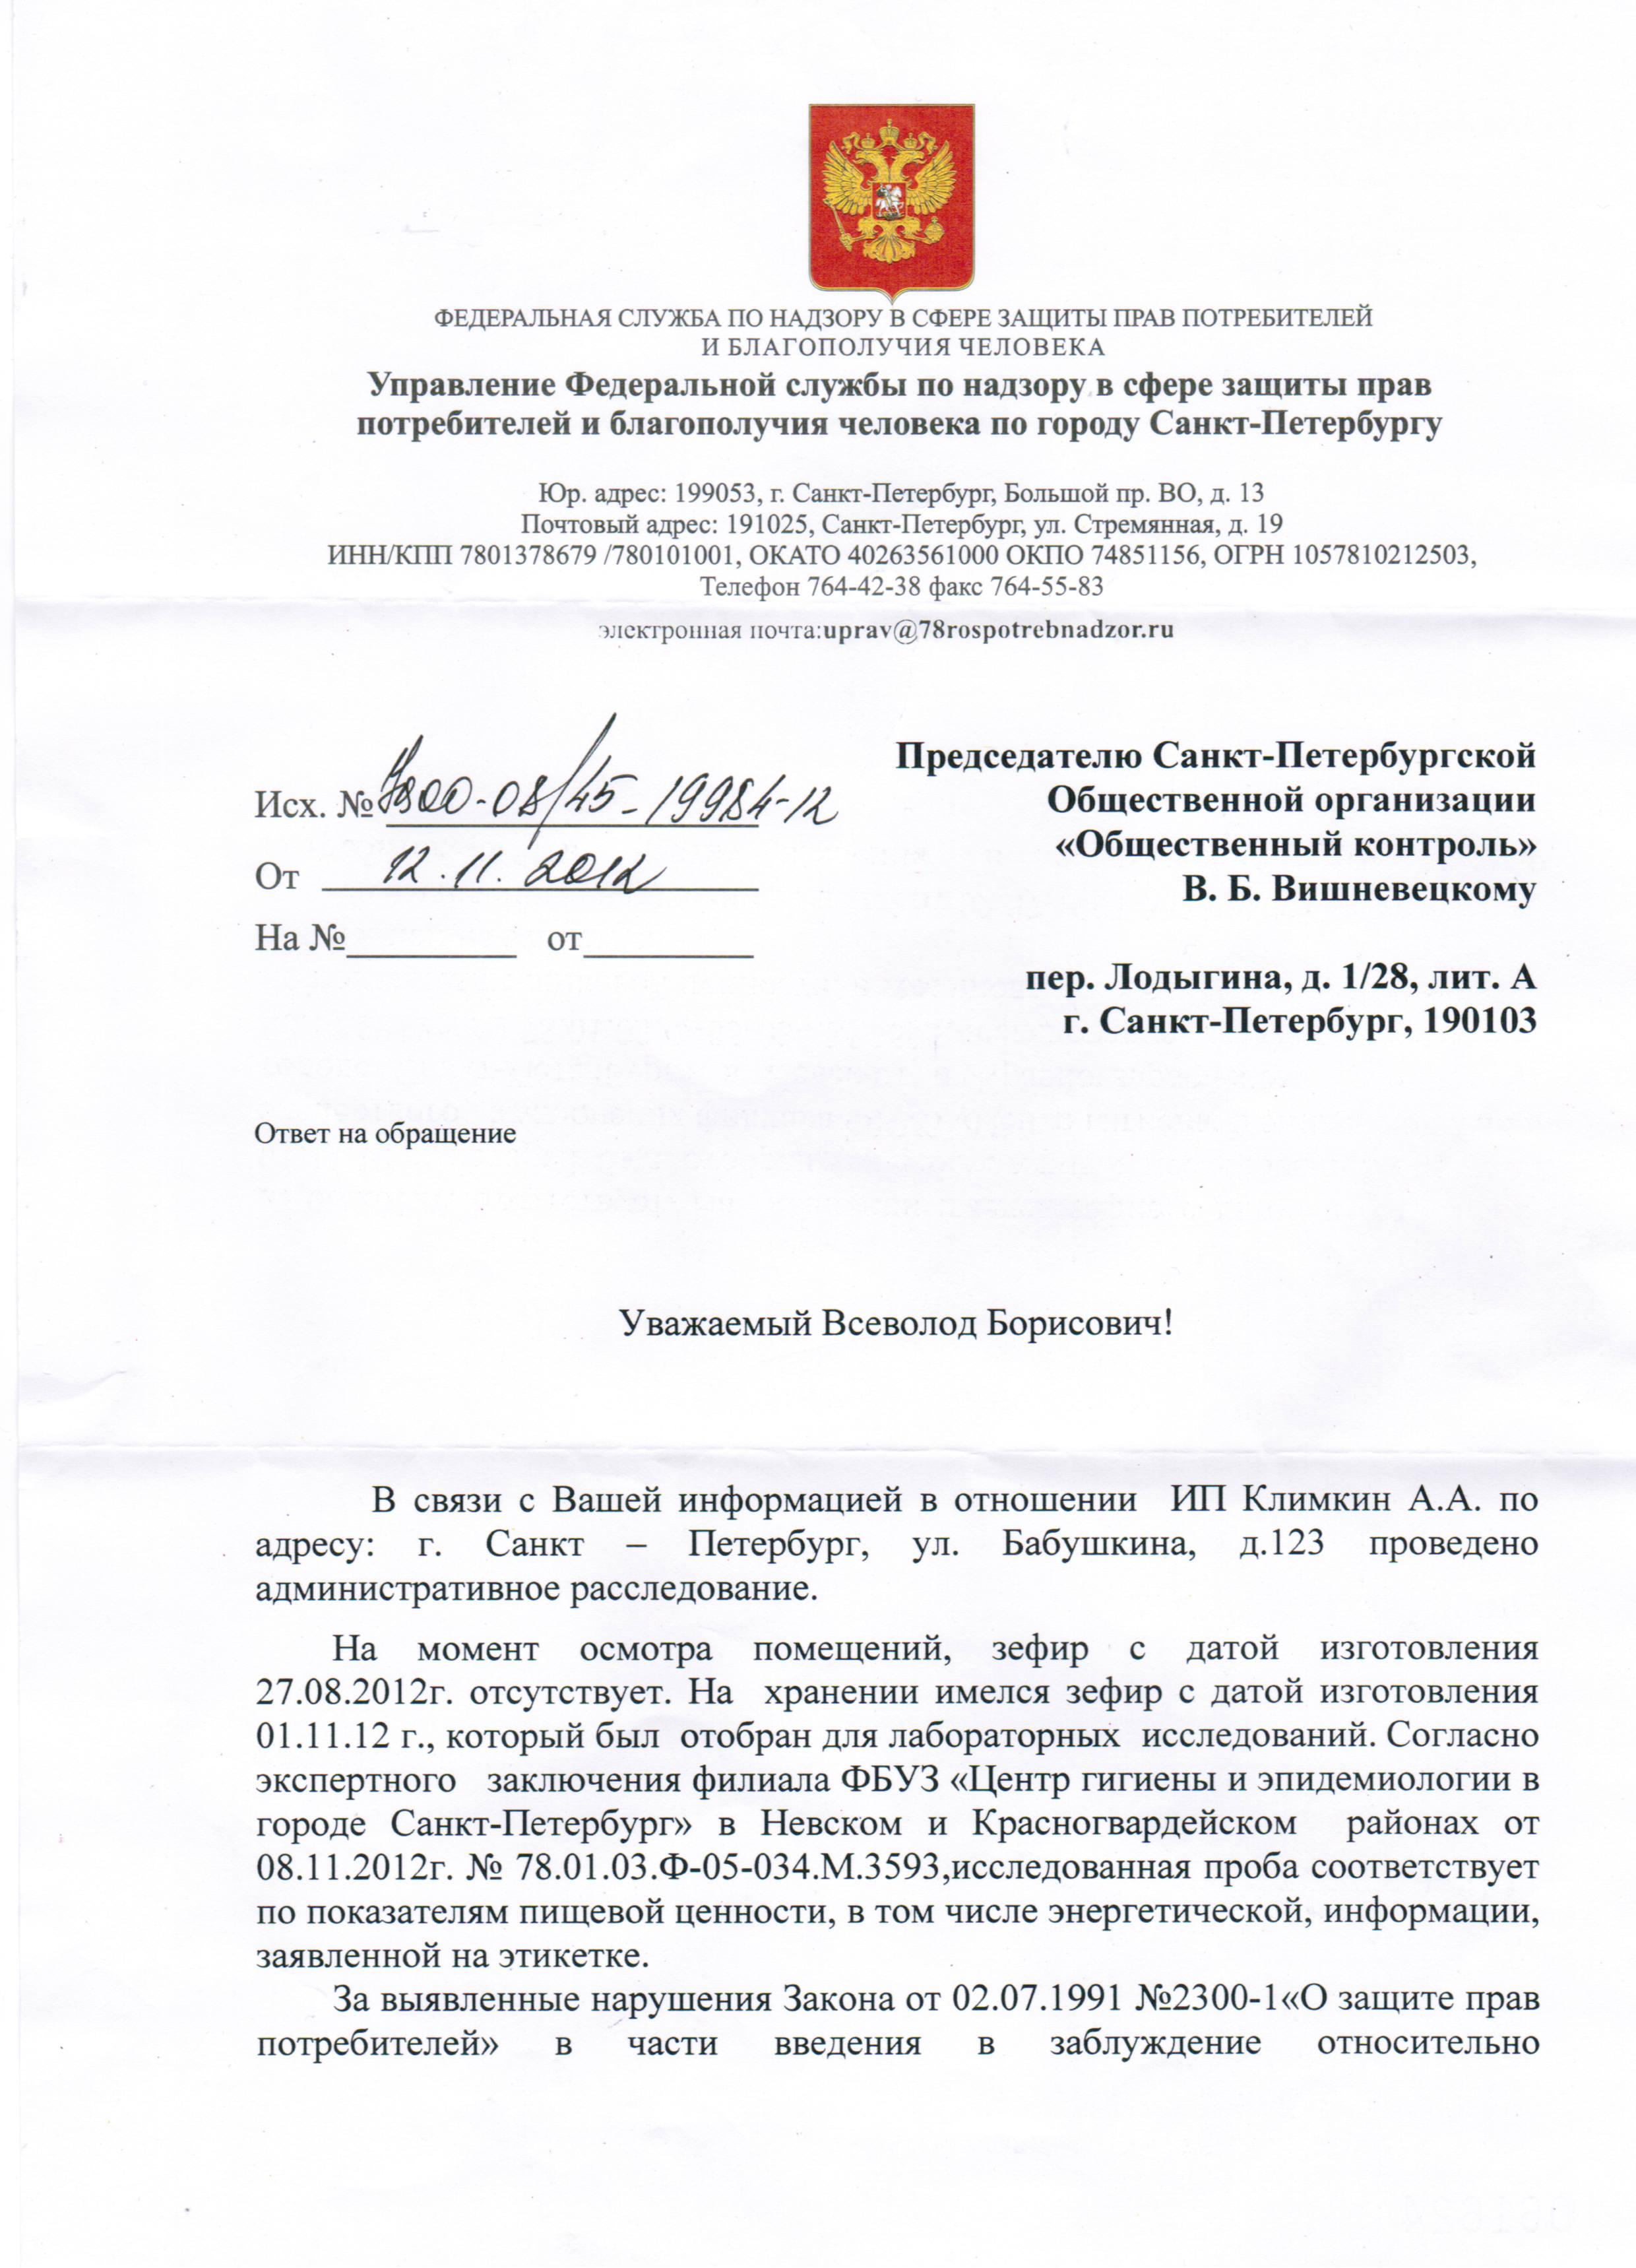 О проведении административного расследования по факту производства и реализации кондитерских изделий